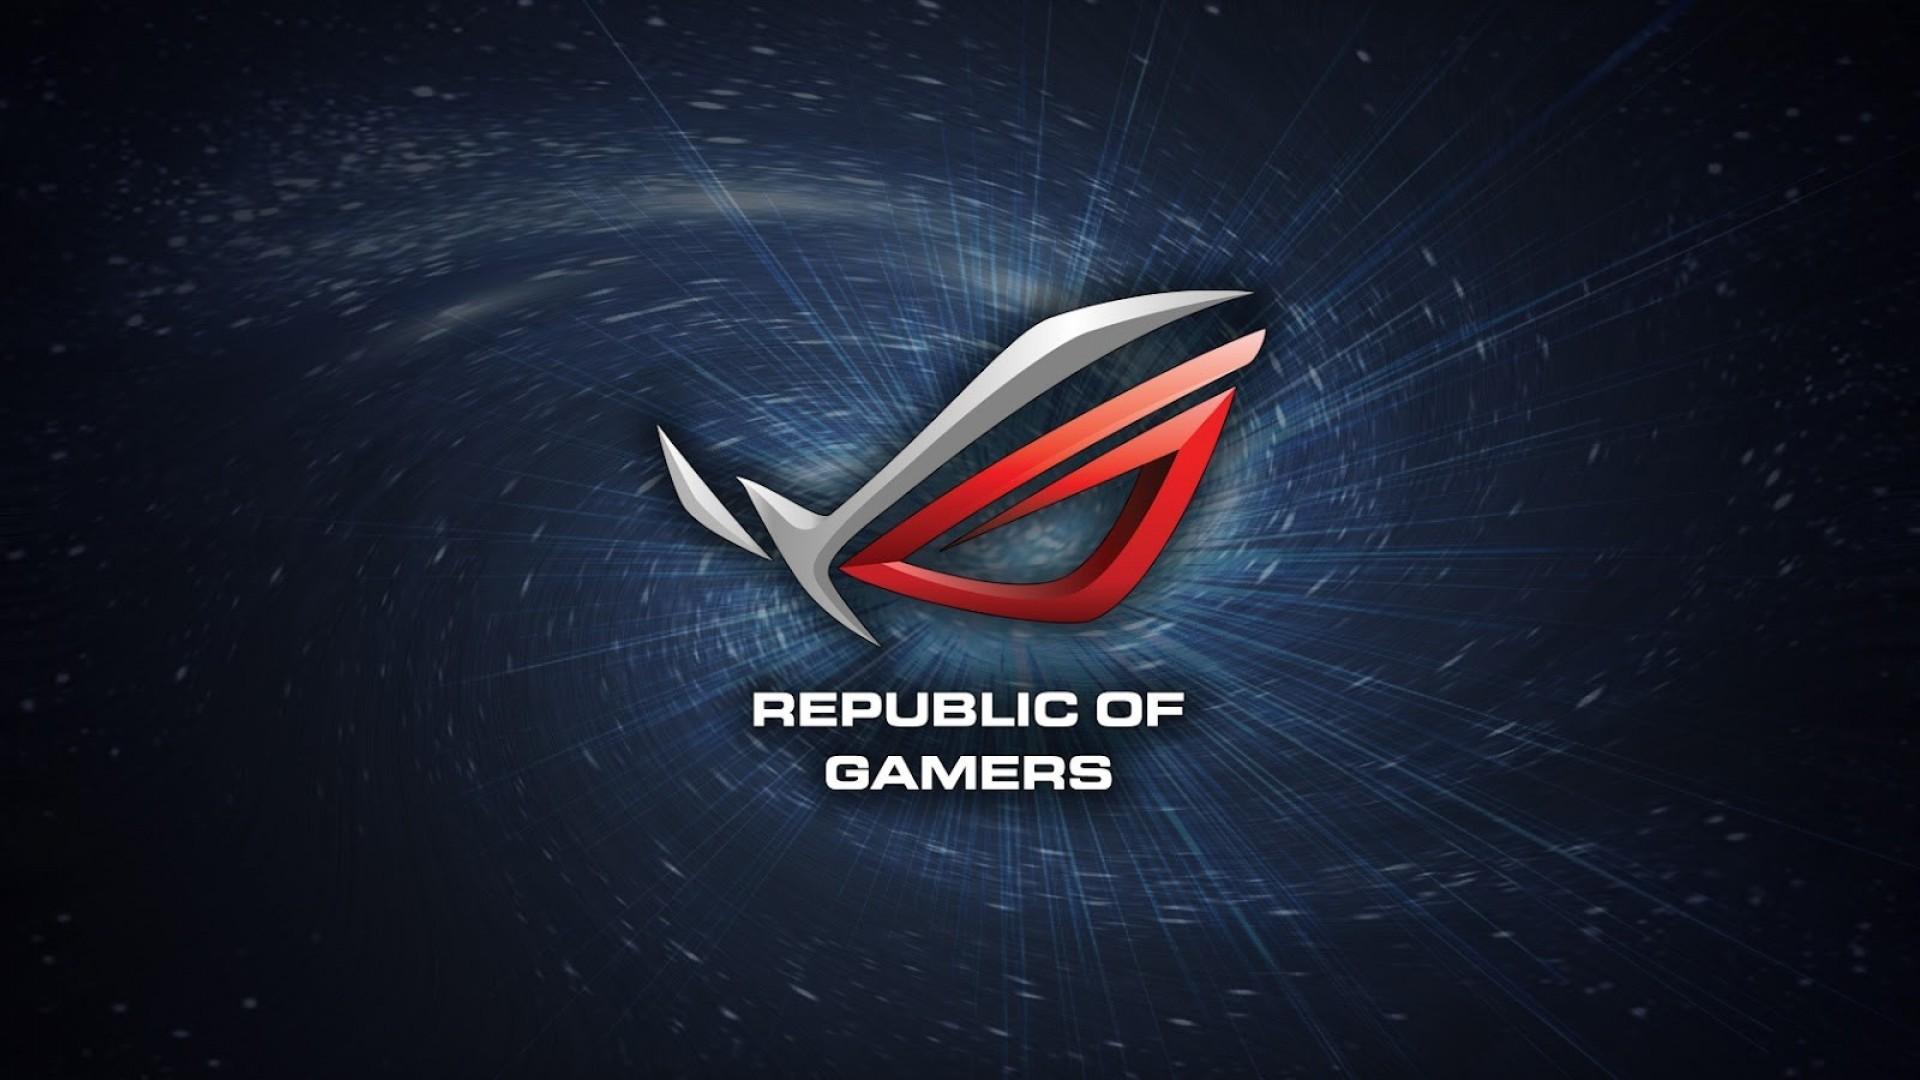 Asus Republic Of Gamers Wallpaper Hd fond ecran hd